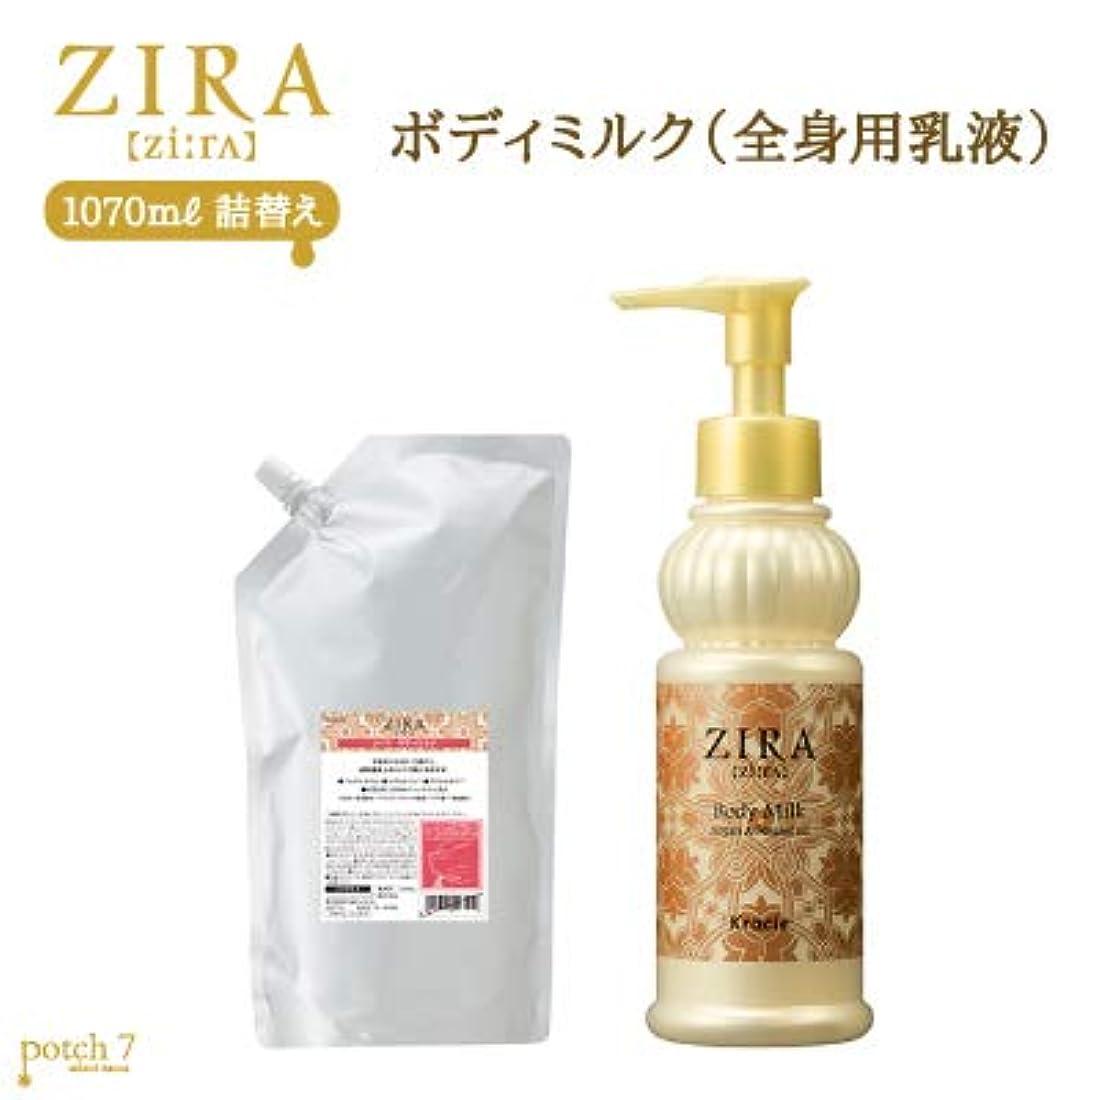 可能にするサーカスふけるkracie(クラシエ) ZIRA ジーラ ボディミルク 乳液 1070ml 業務用サイズ 詰替え 150ml×1本